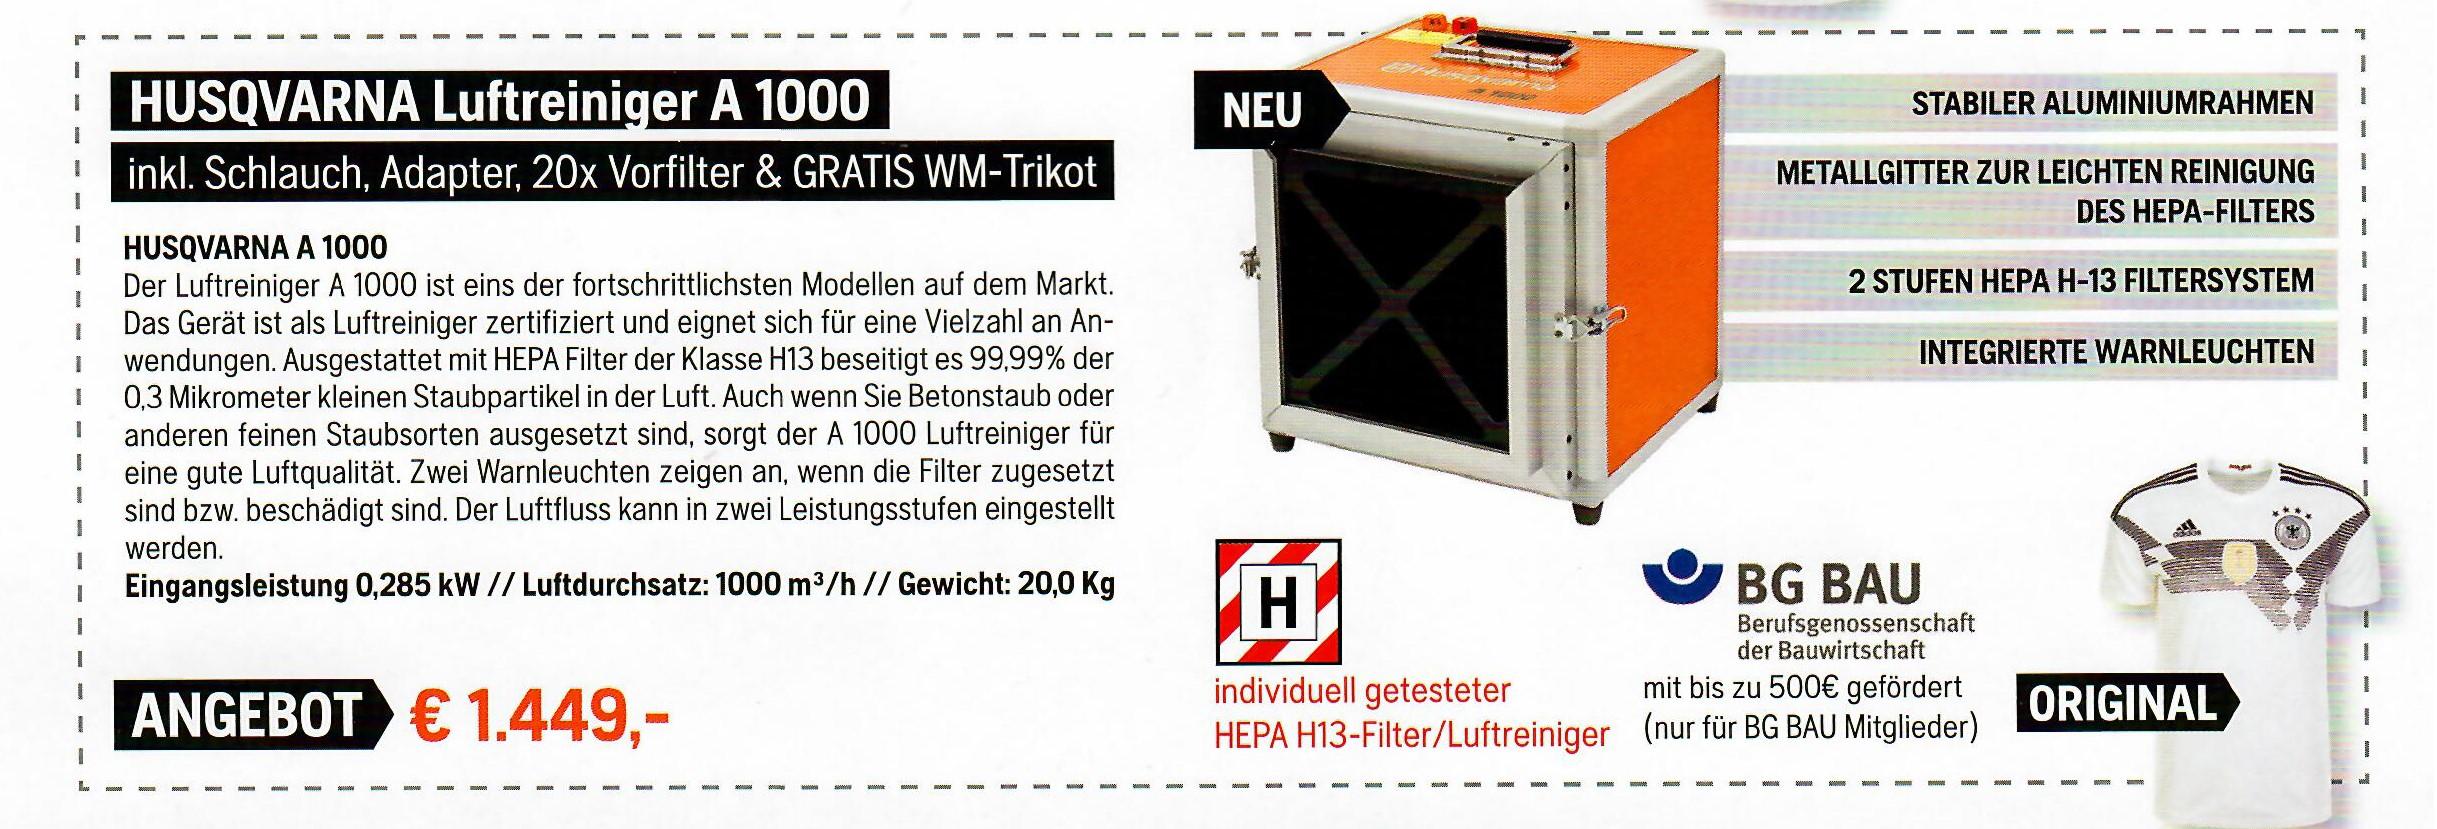 Luftreiniger-a-1000